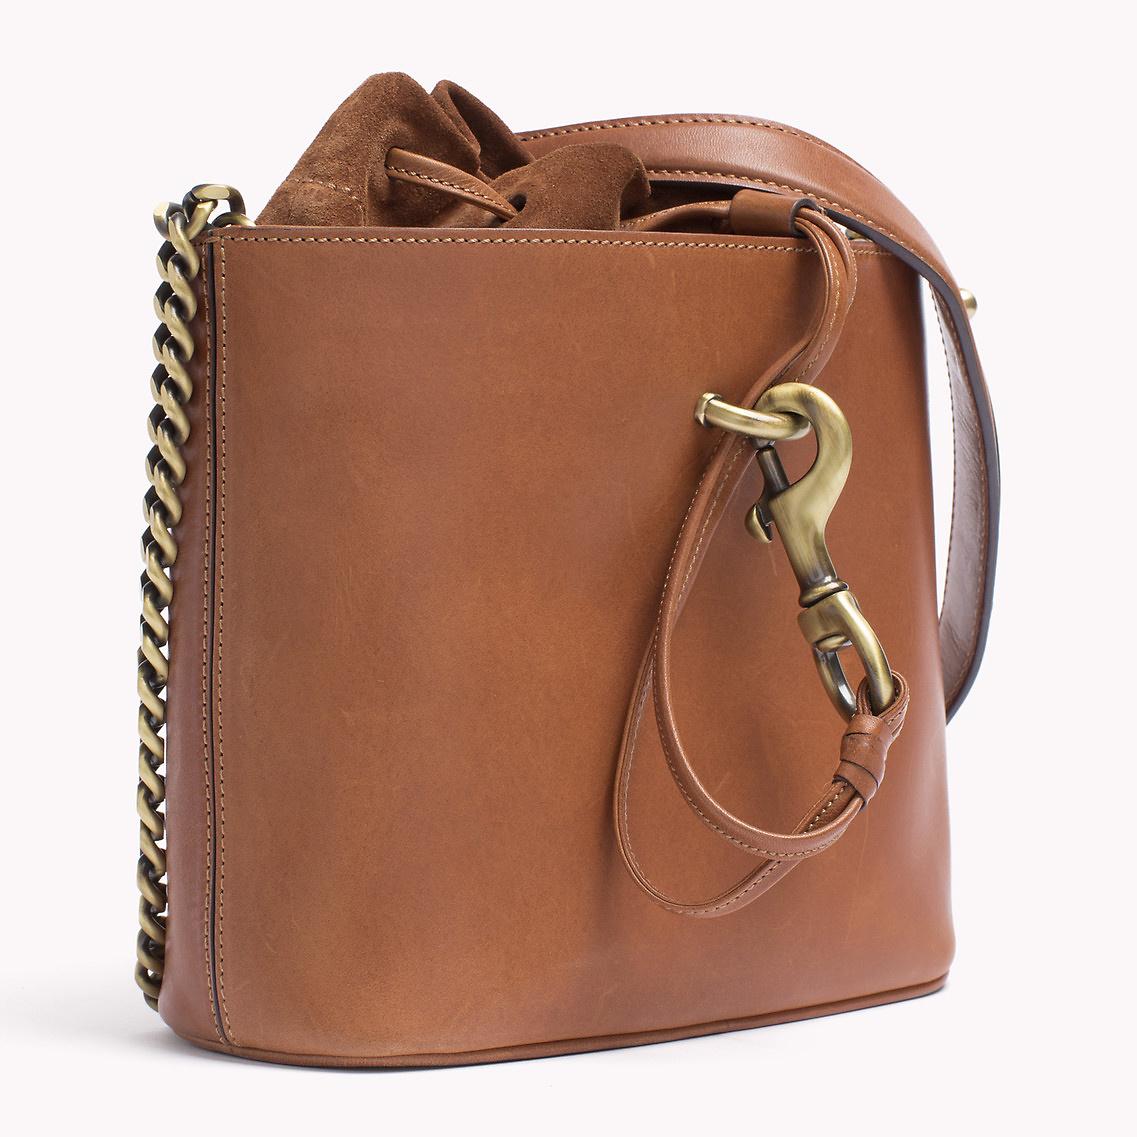 tommy hilfiger diaper bag backpack tommy hilfiger diaper bag 69 off tommy hilfiger handbags. Black Bedroom Furniture Sets. Home Design Ideas